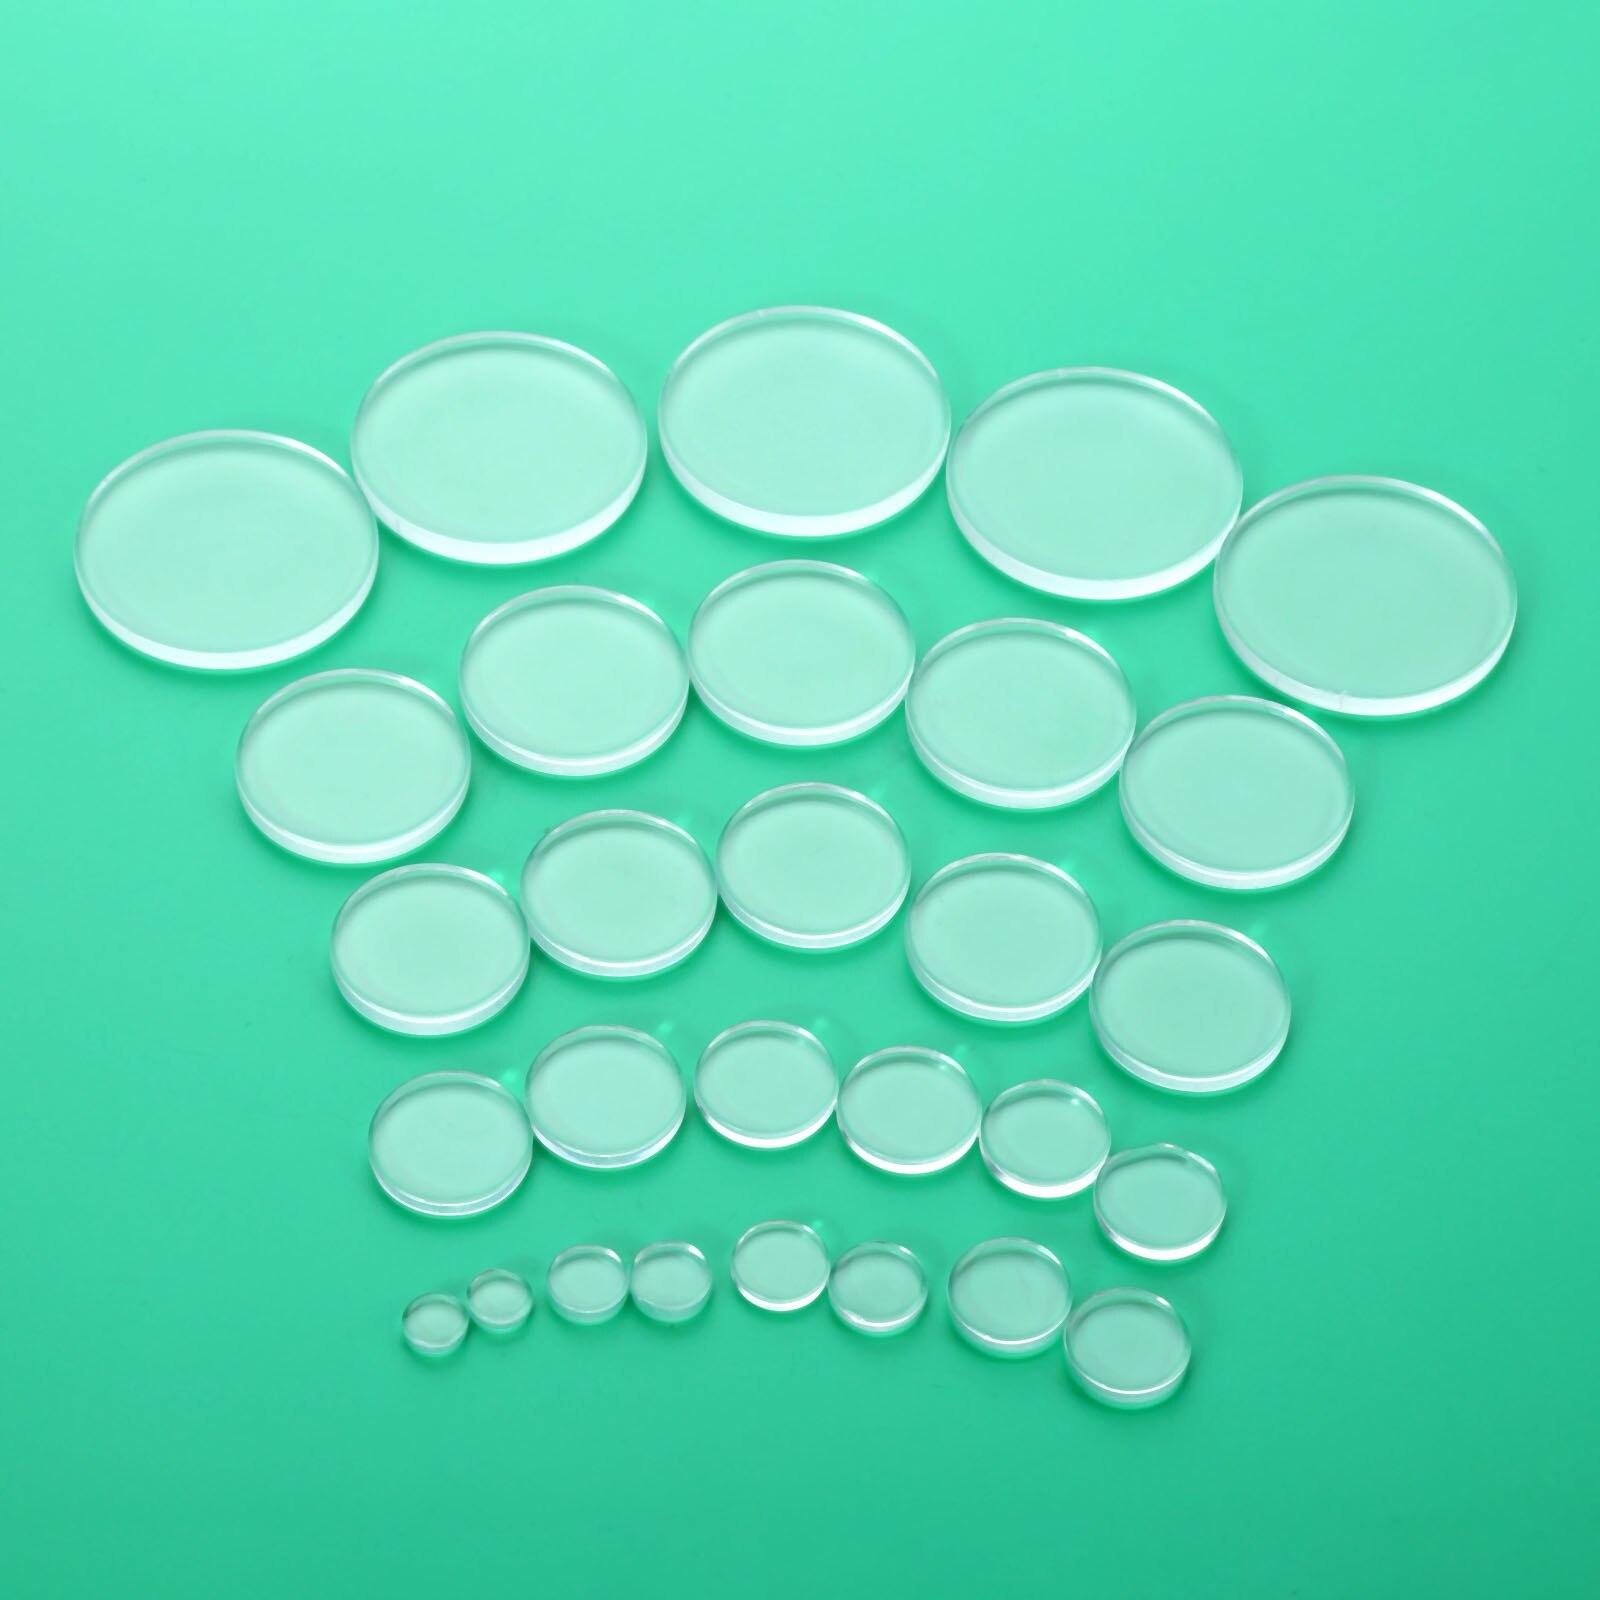 100/50/20/10/5 piezas de vidrio transparente refrigerador etiqueta ambos lados plana redonda de vidrio claro accesorios de joyería hechos a mano cabujón